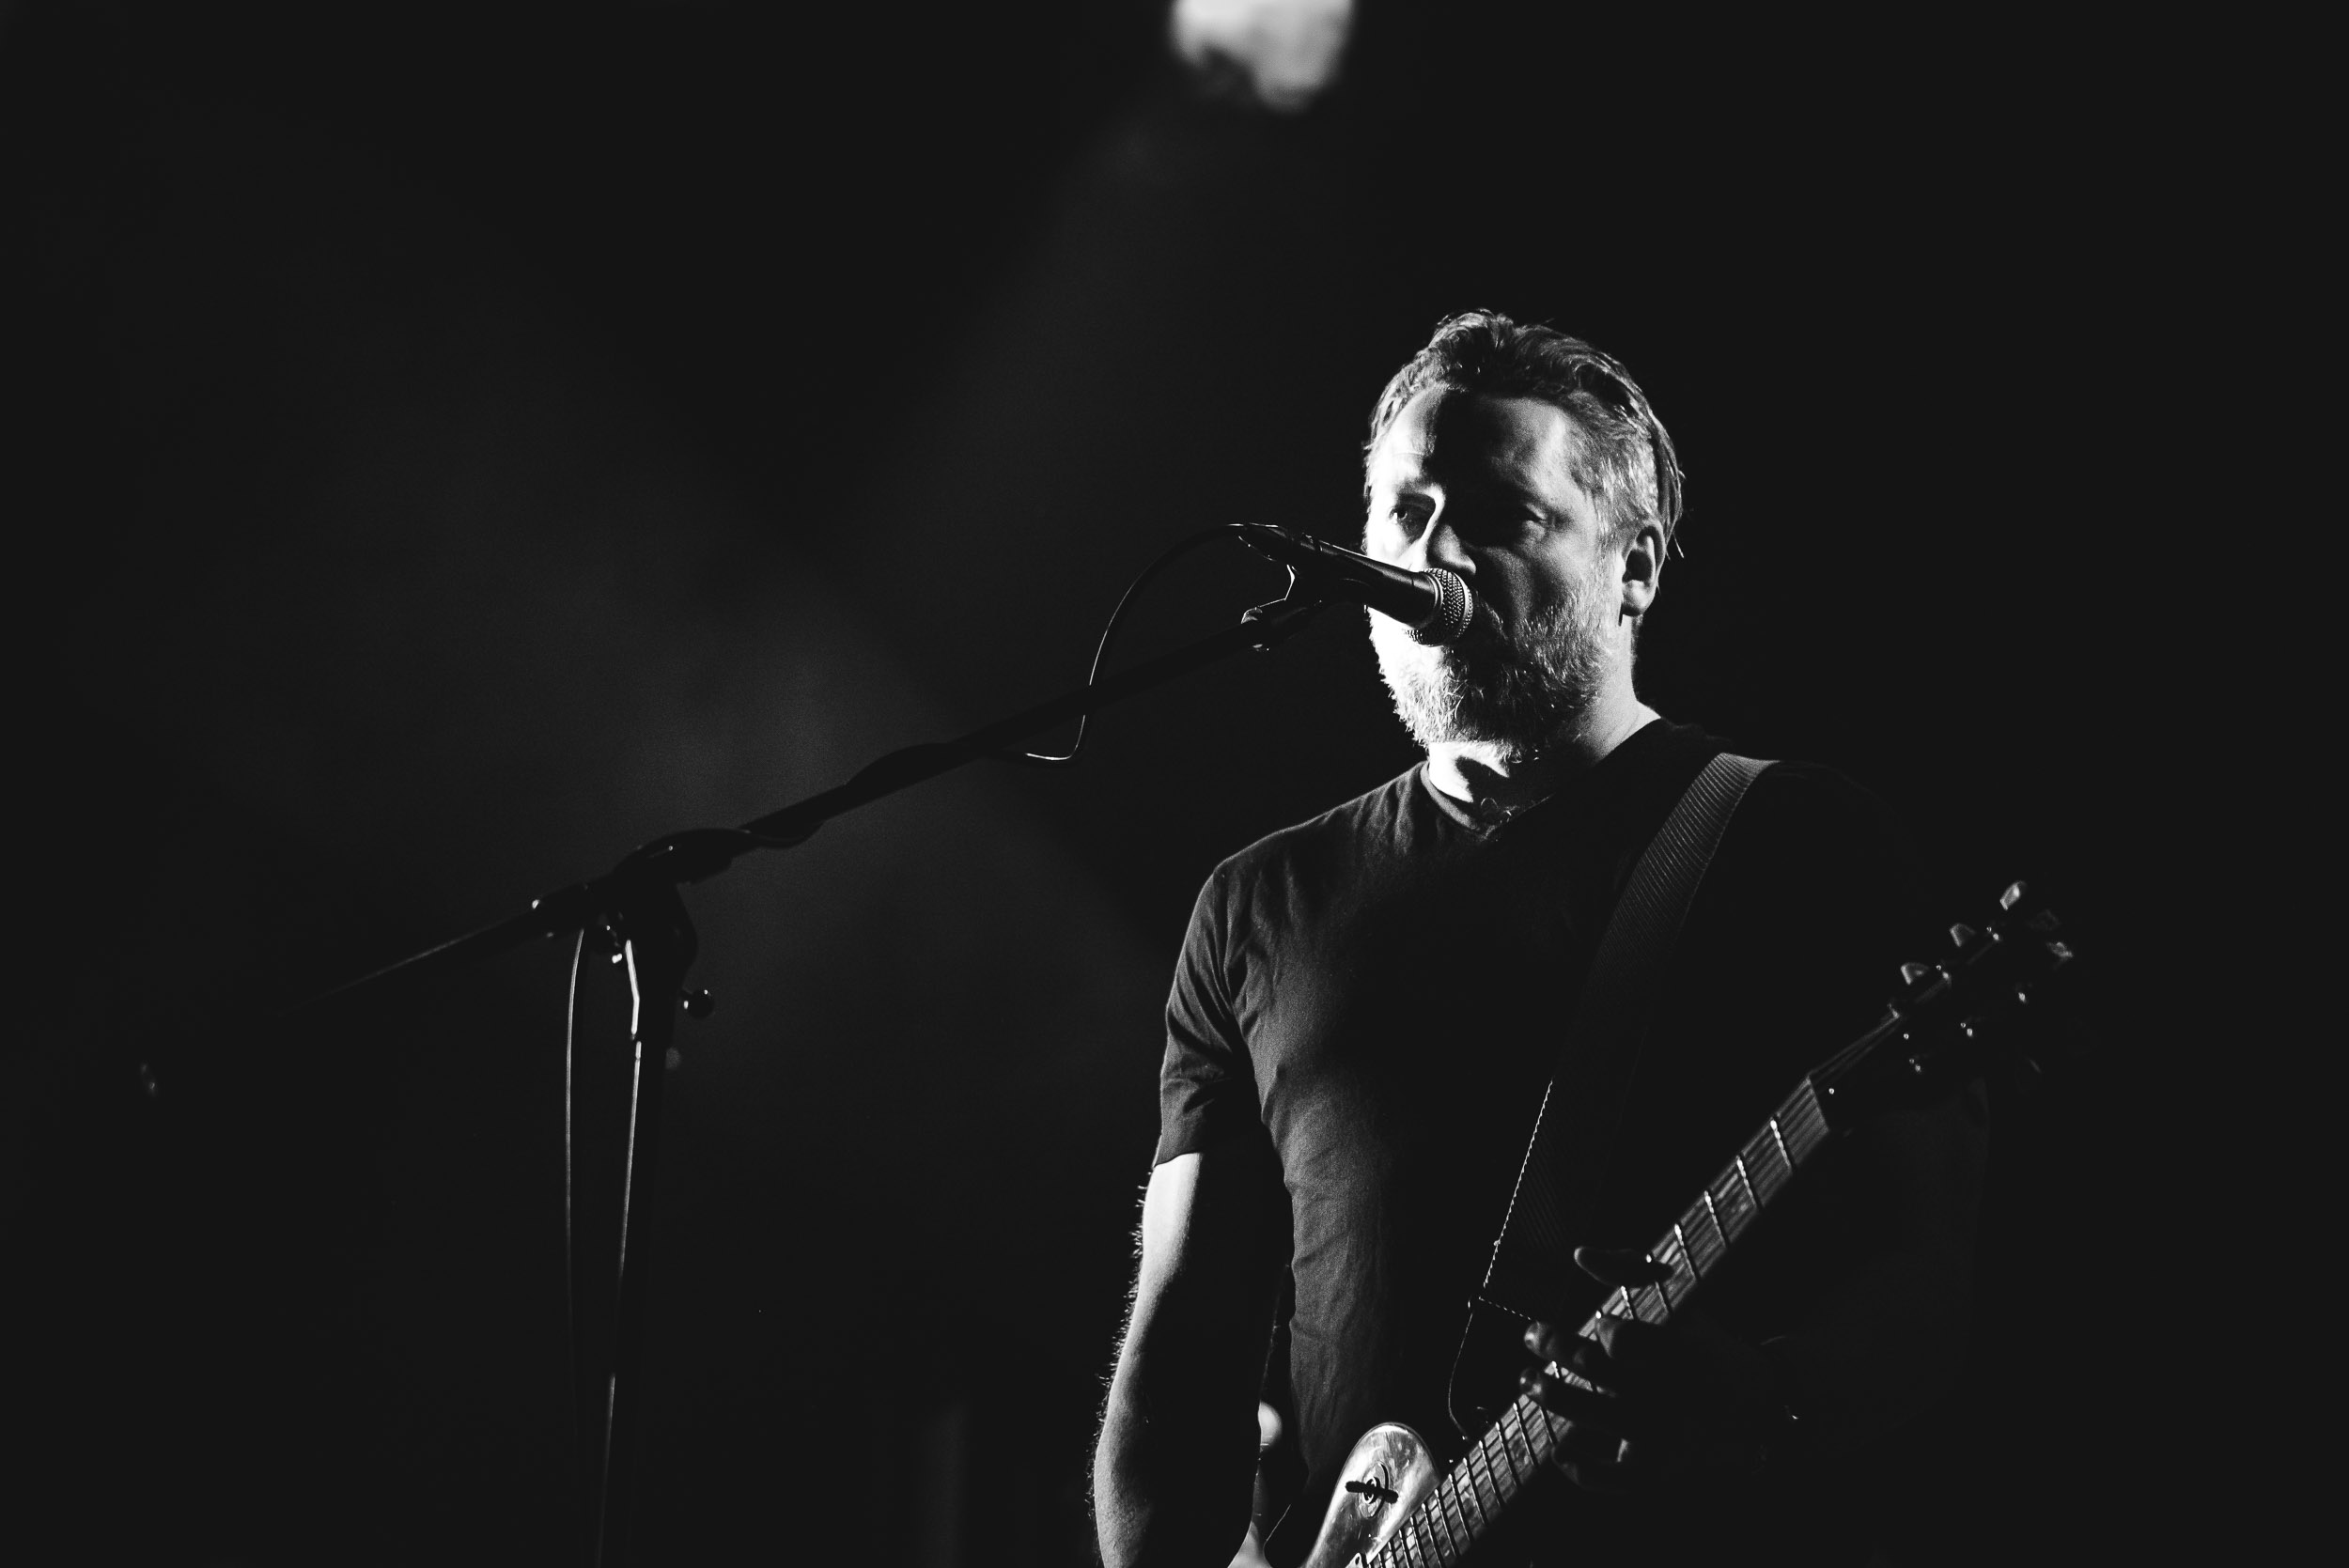 Michal-Ambroz-Hudba-Praha-Tomas-Valnoha-10-.jpg